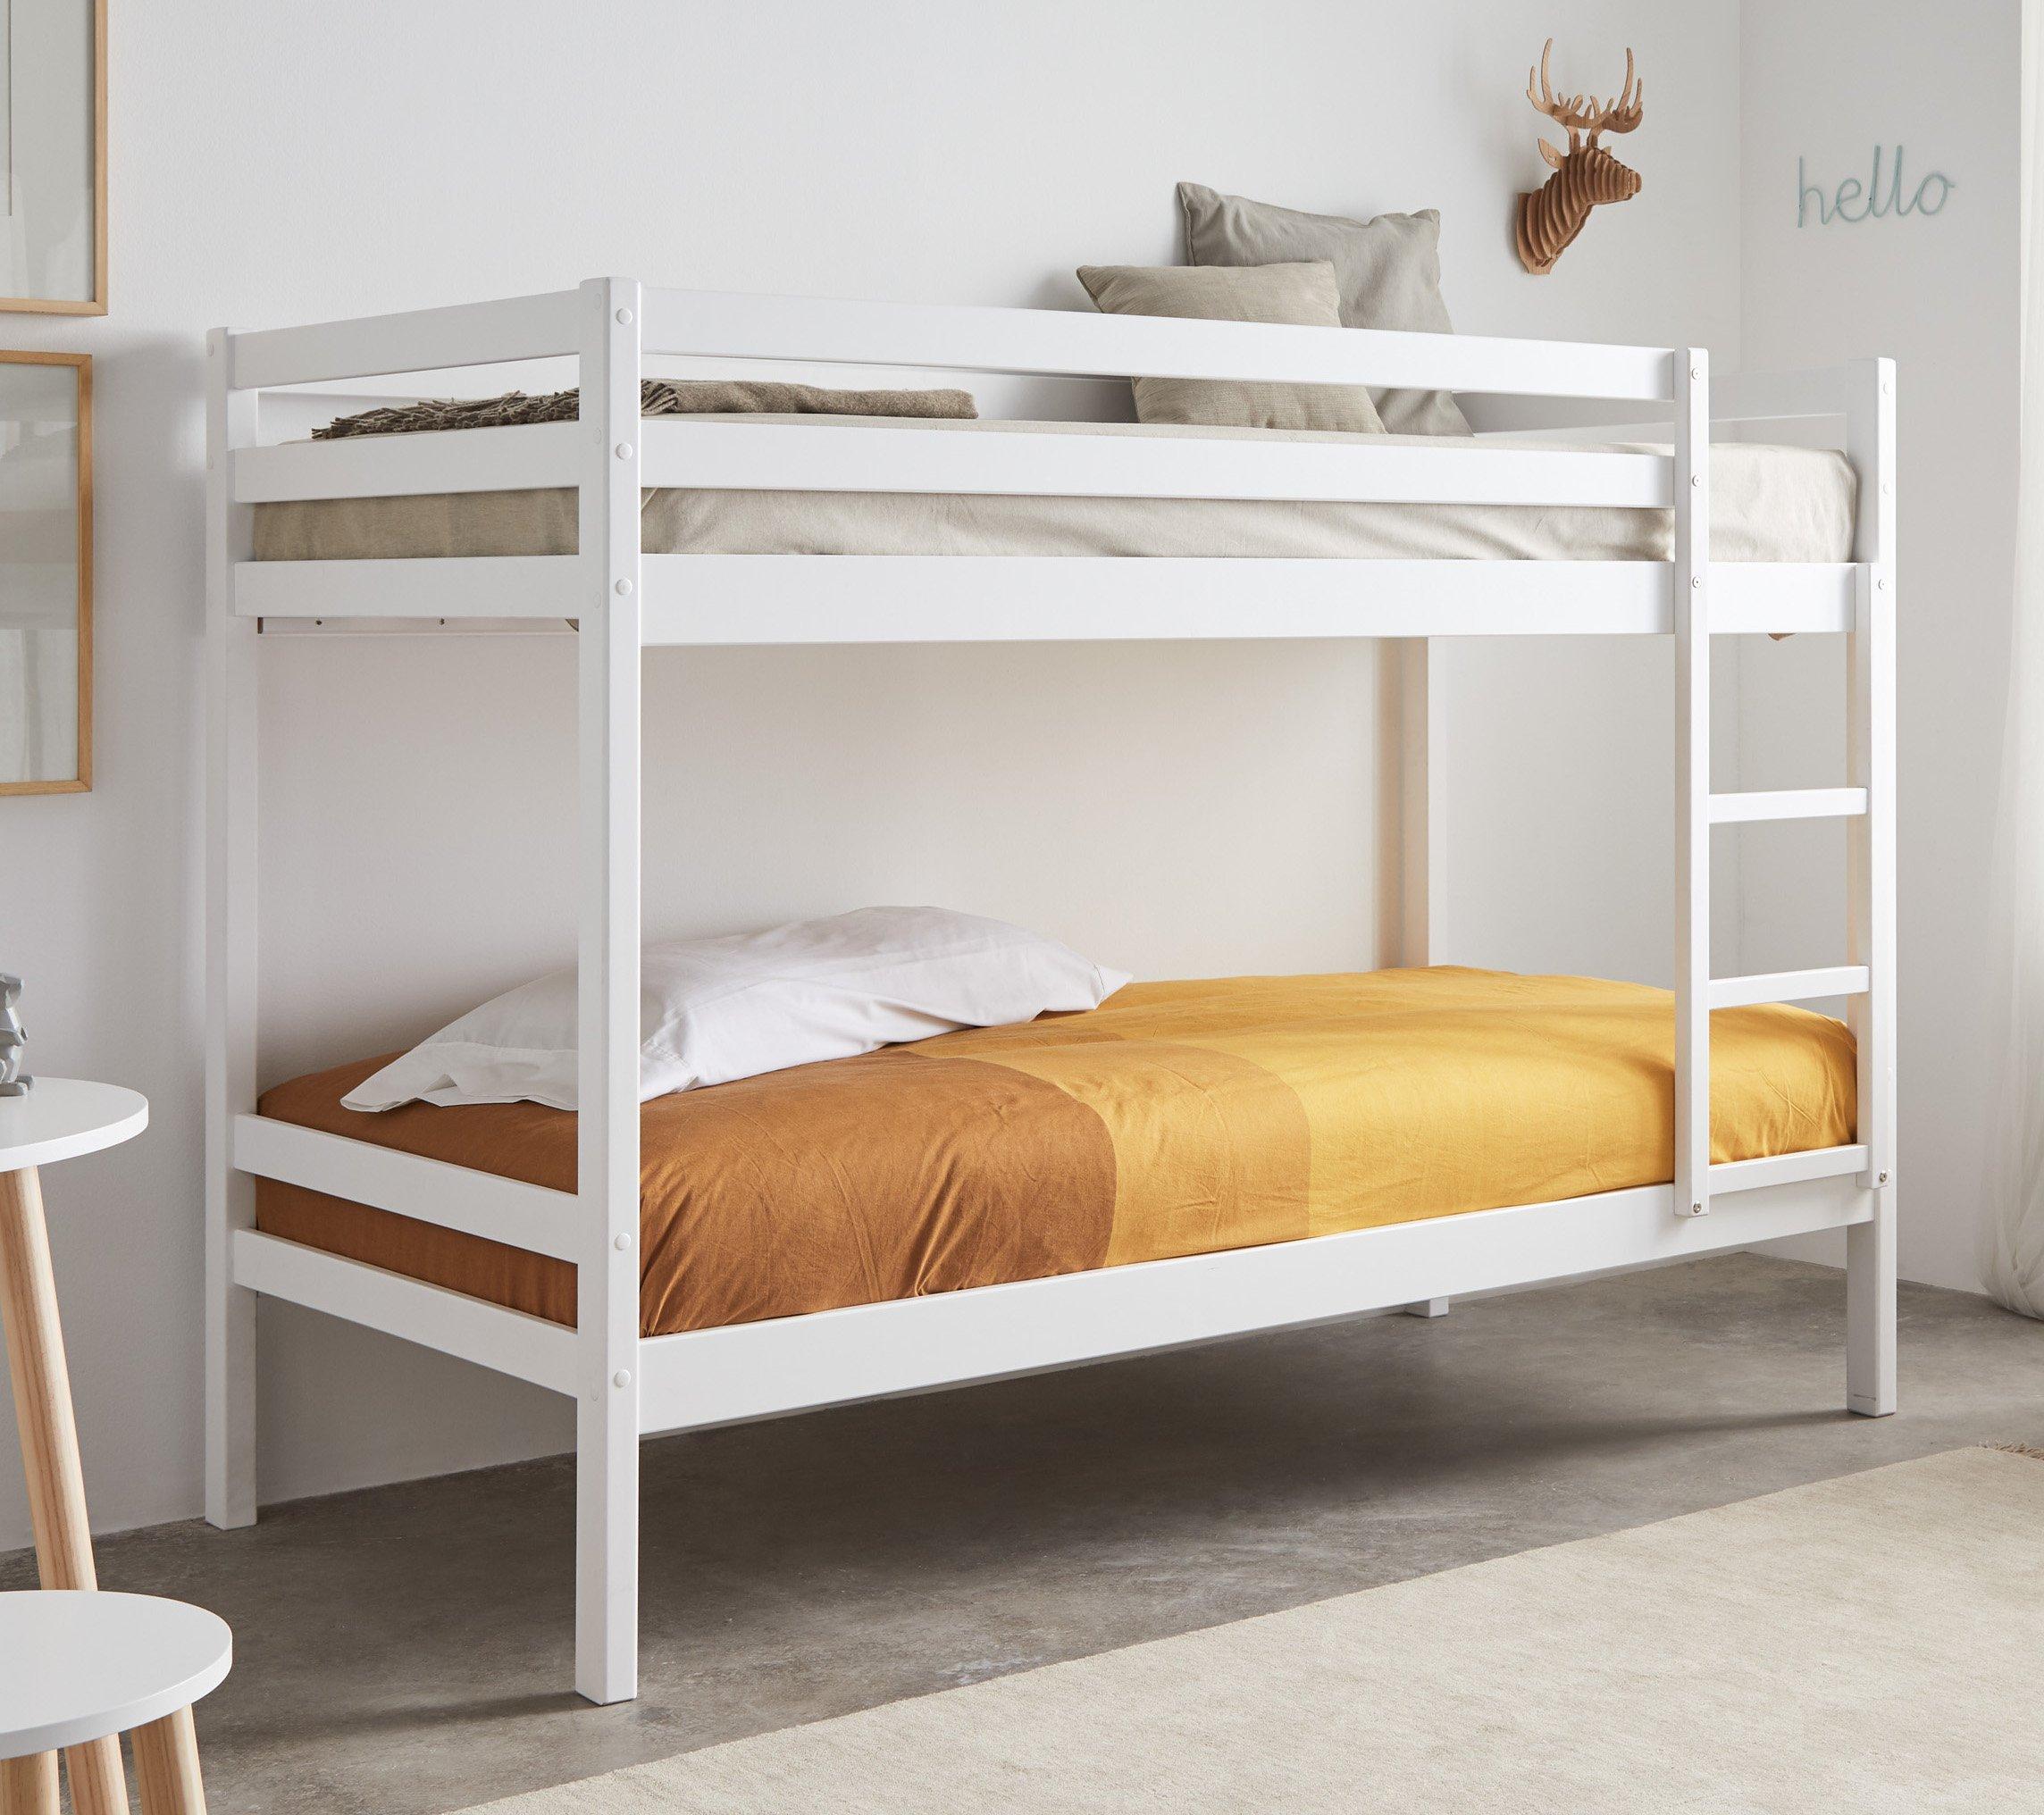 Miroytengo Litera Premier en Color Blanco Fabricada en Madera en Medida 90x190 cm con somieres incluidos barandilla Superior y escalerilla: Amazon.es: Hogar